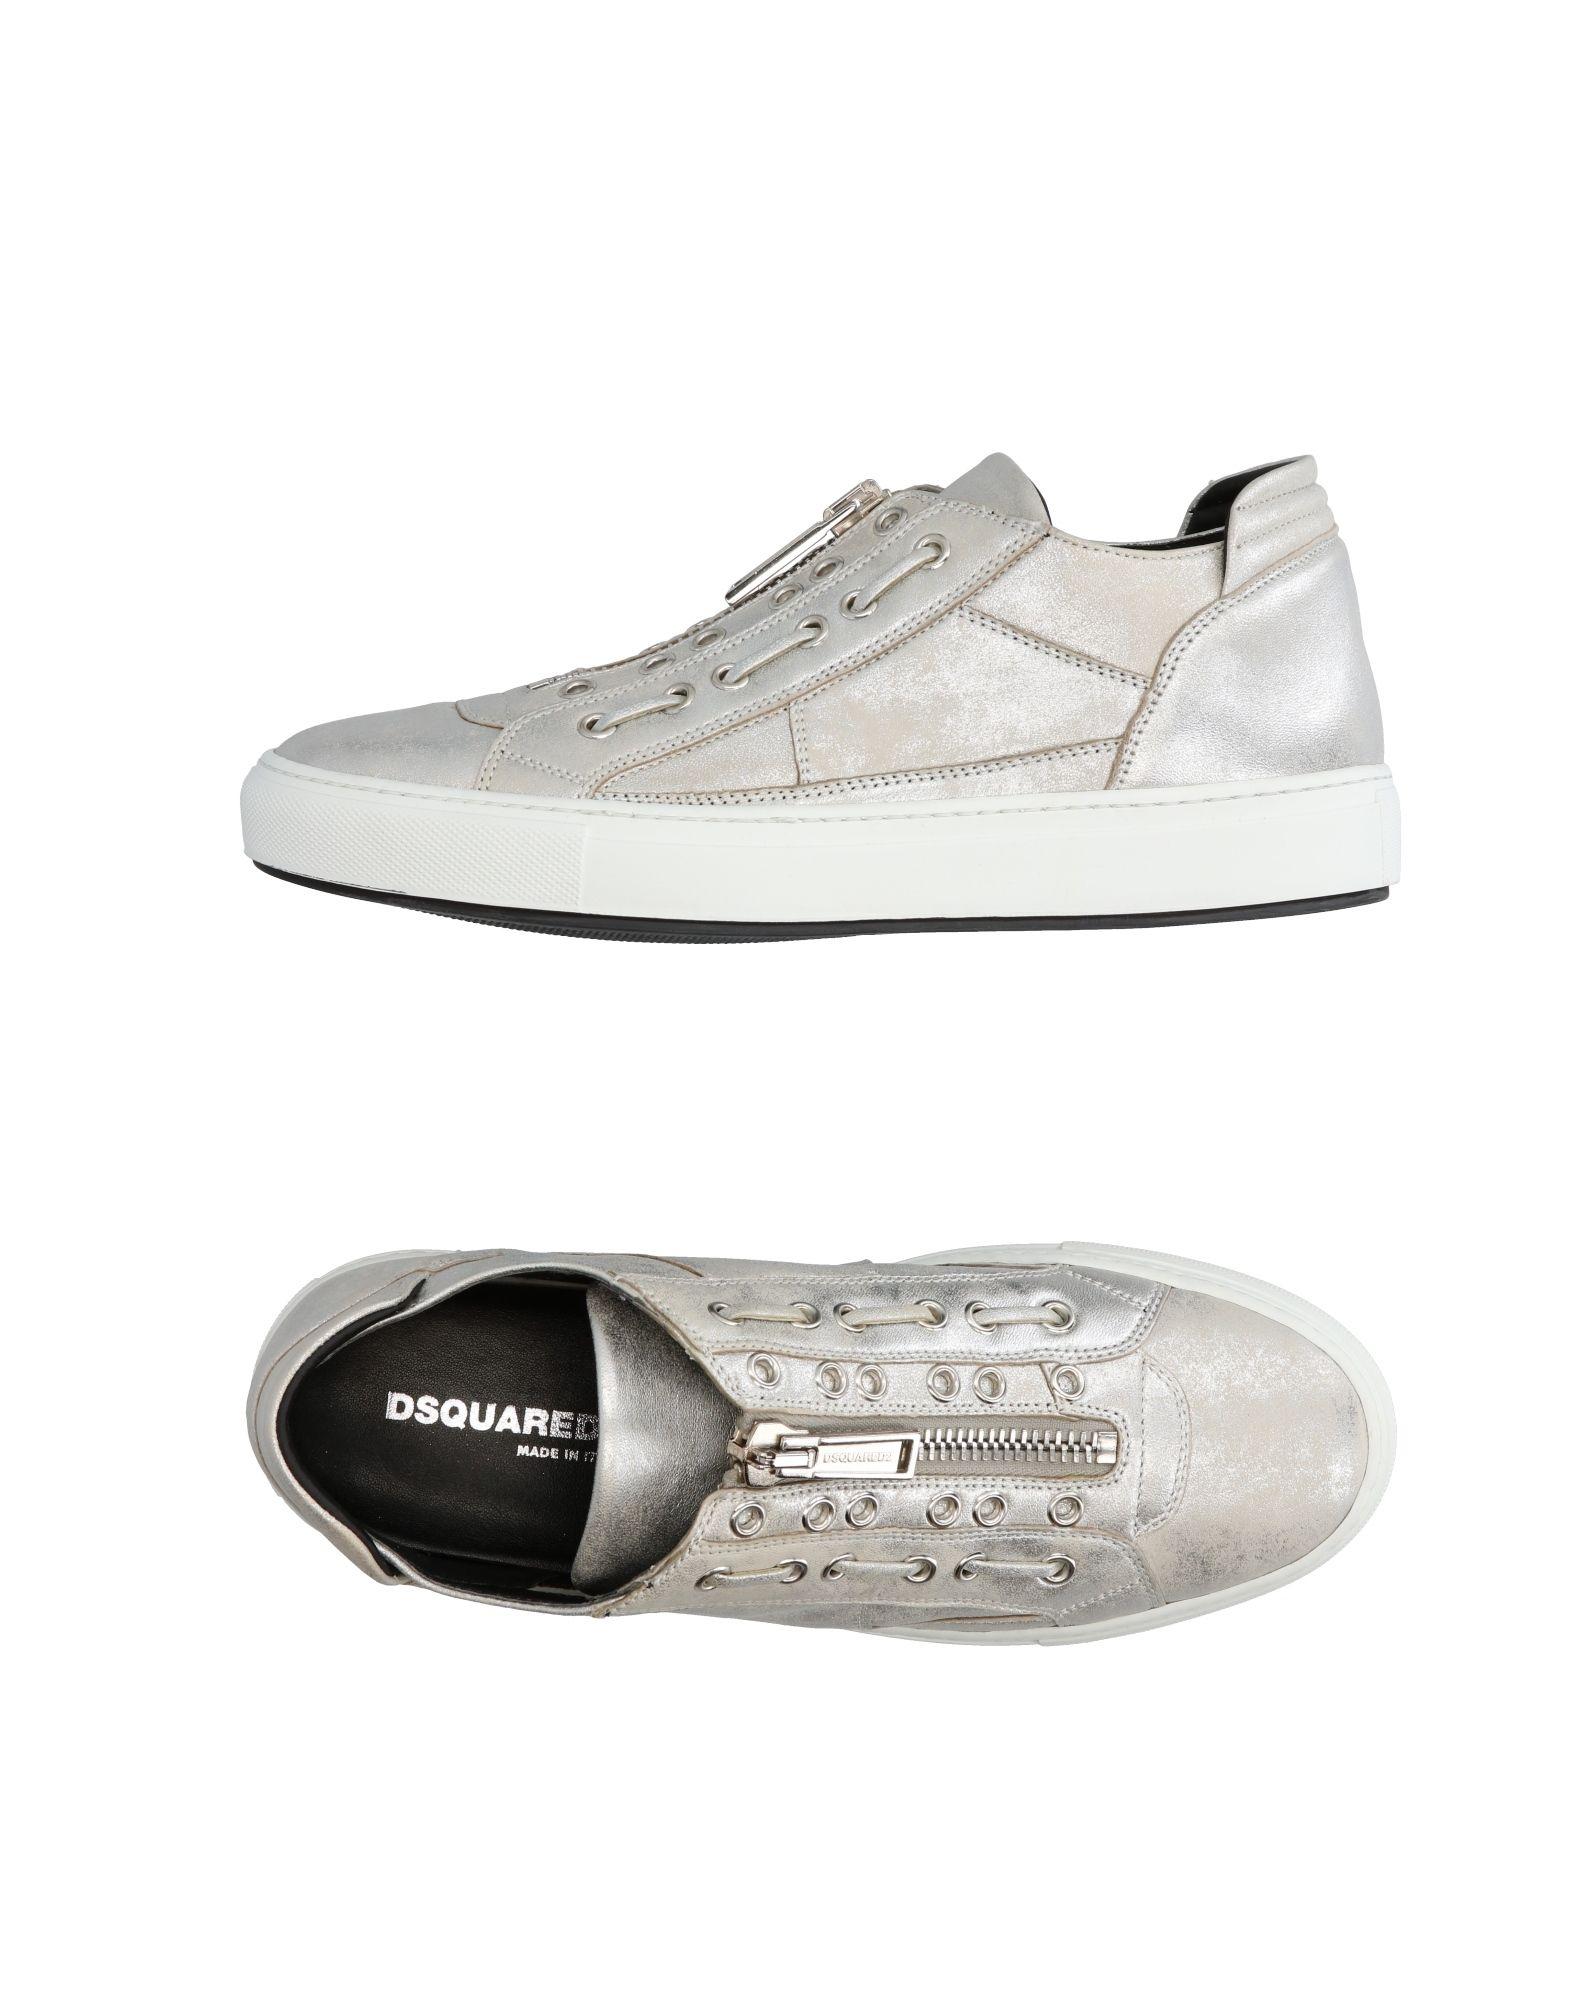 Dsquared2 Sneakers Herren  11298744UK Gute Qualität beliebte Schuhe